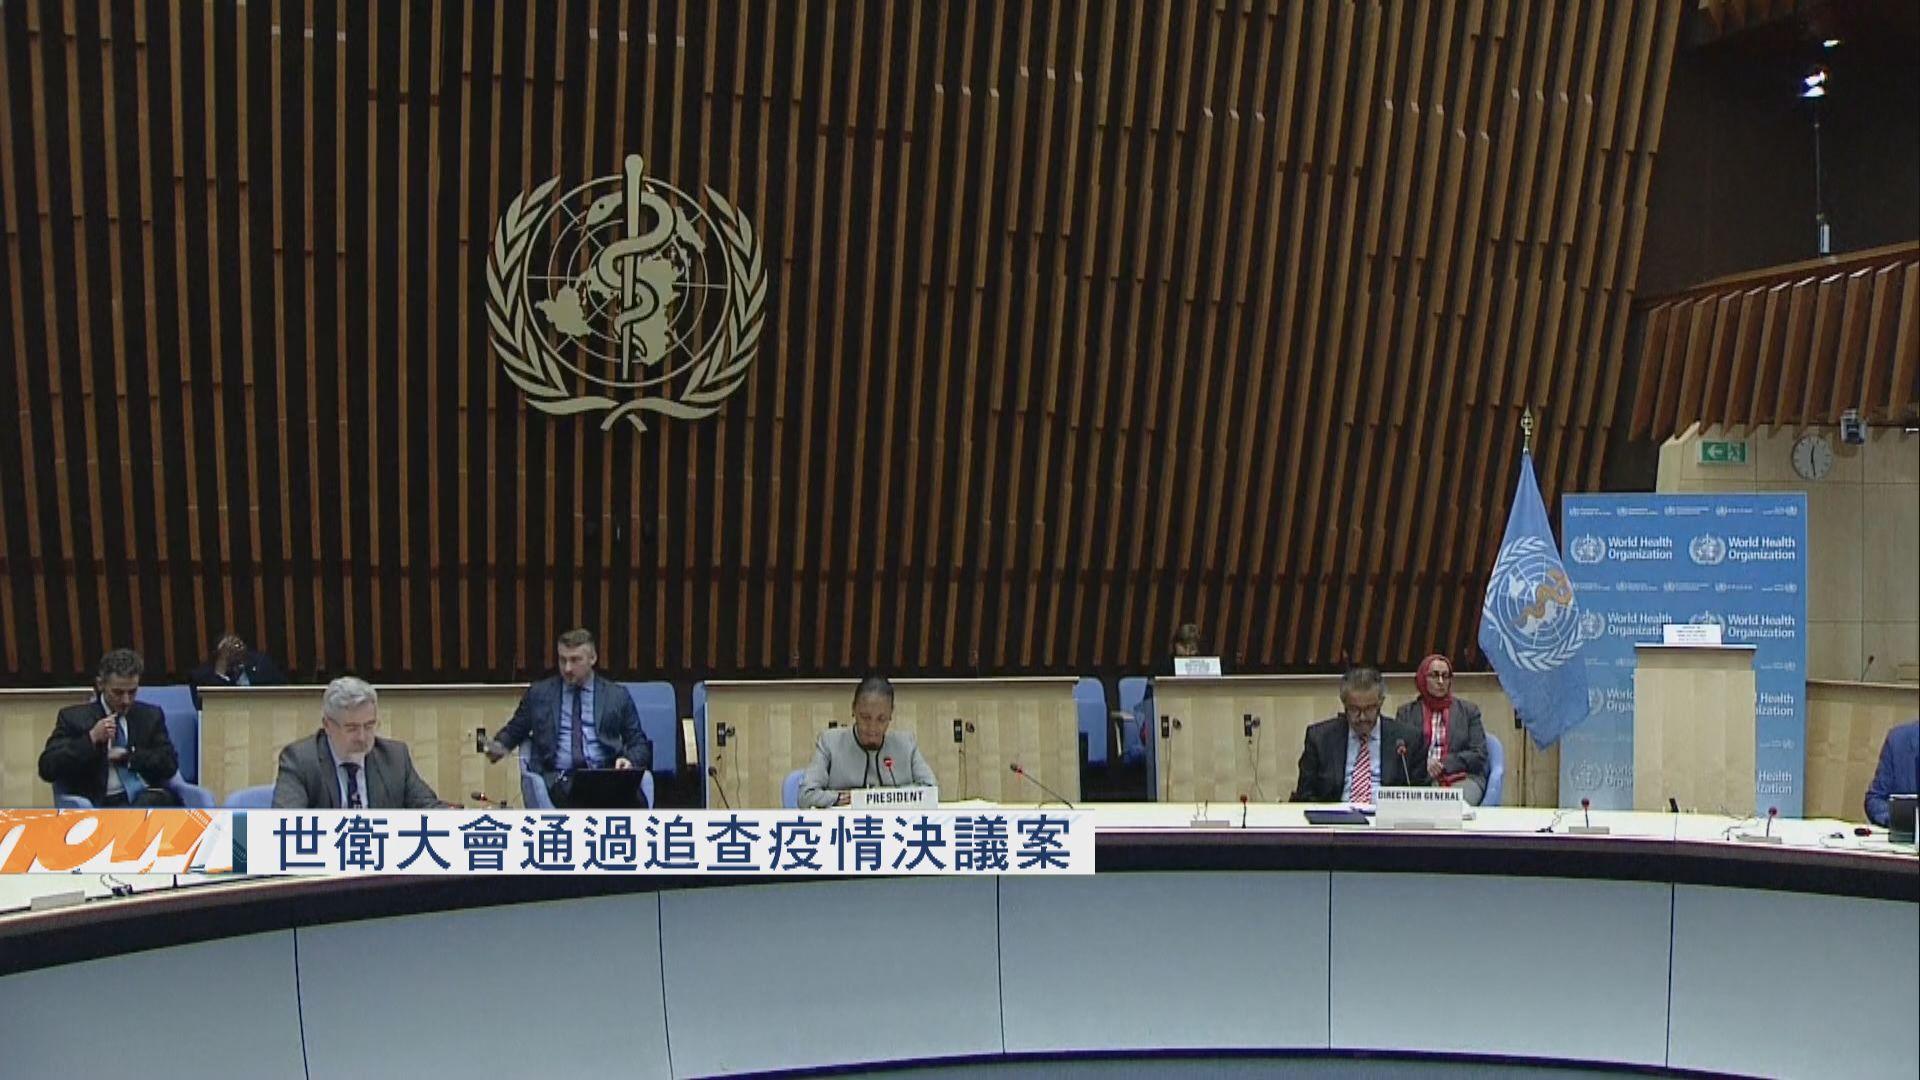 世衛大會所有成員國一致同意通過追查疫情決議案